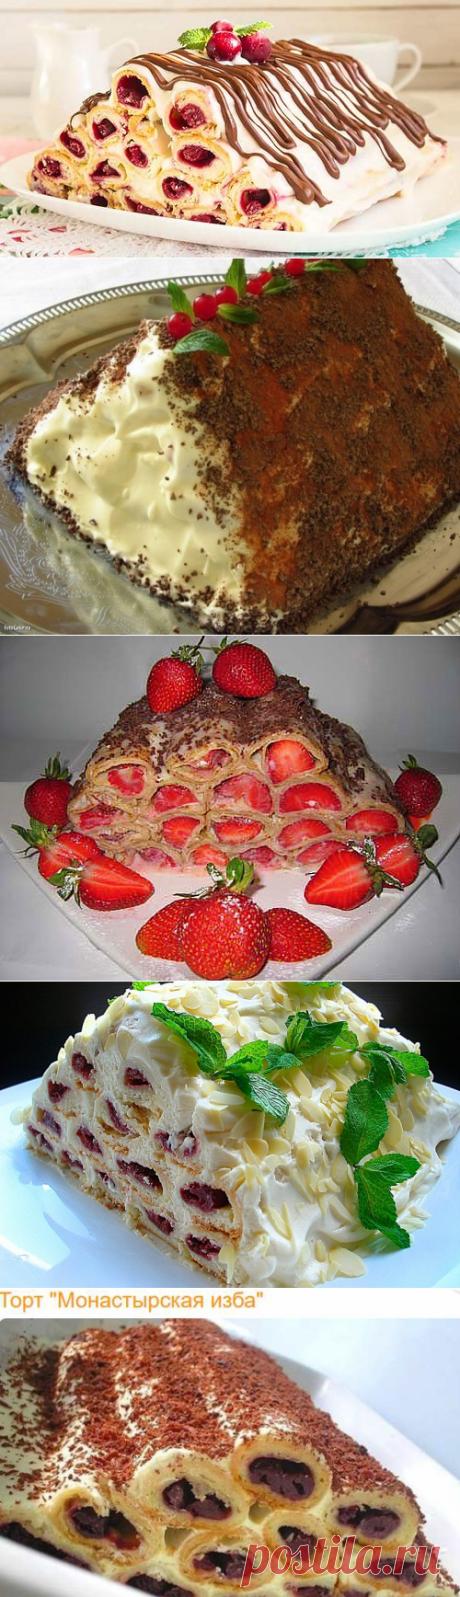 Торт ☆Монастырская изба☆ - рецепт